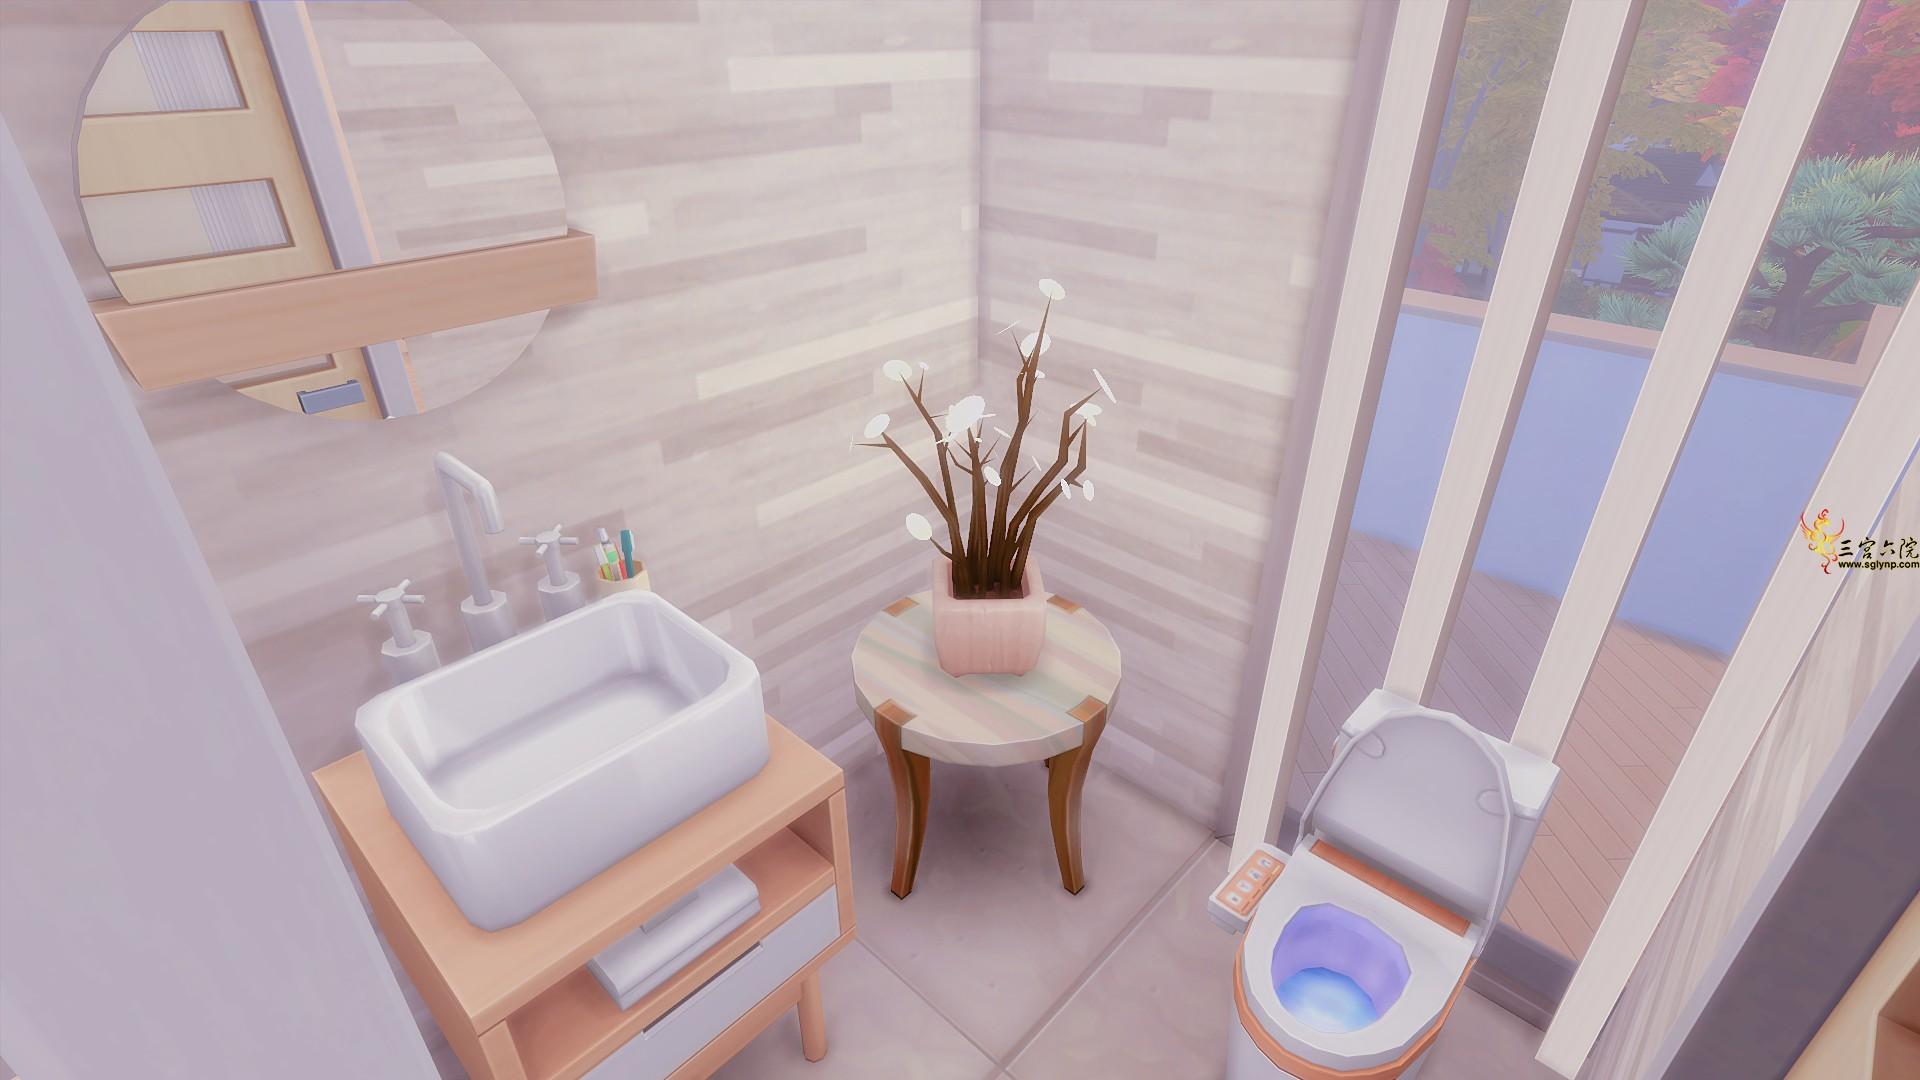 Sims 4 Screenshot 2021.02.14 - 14.11.23.35.png